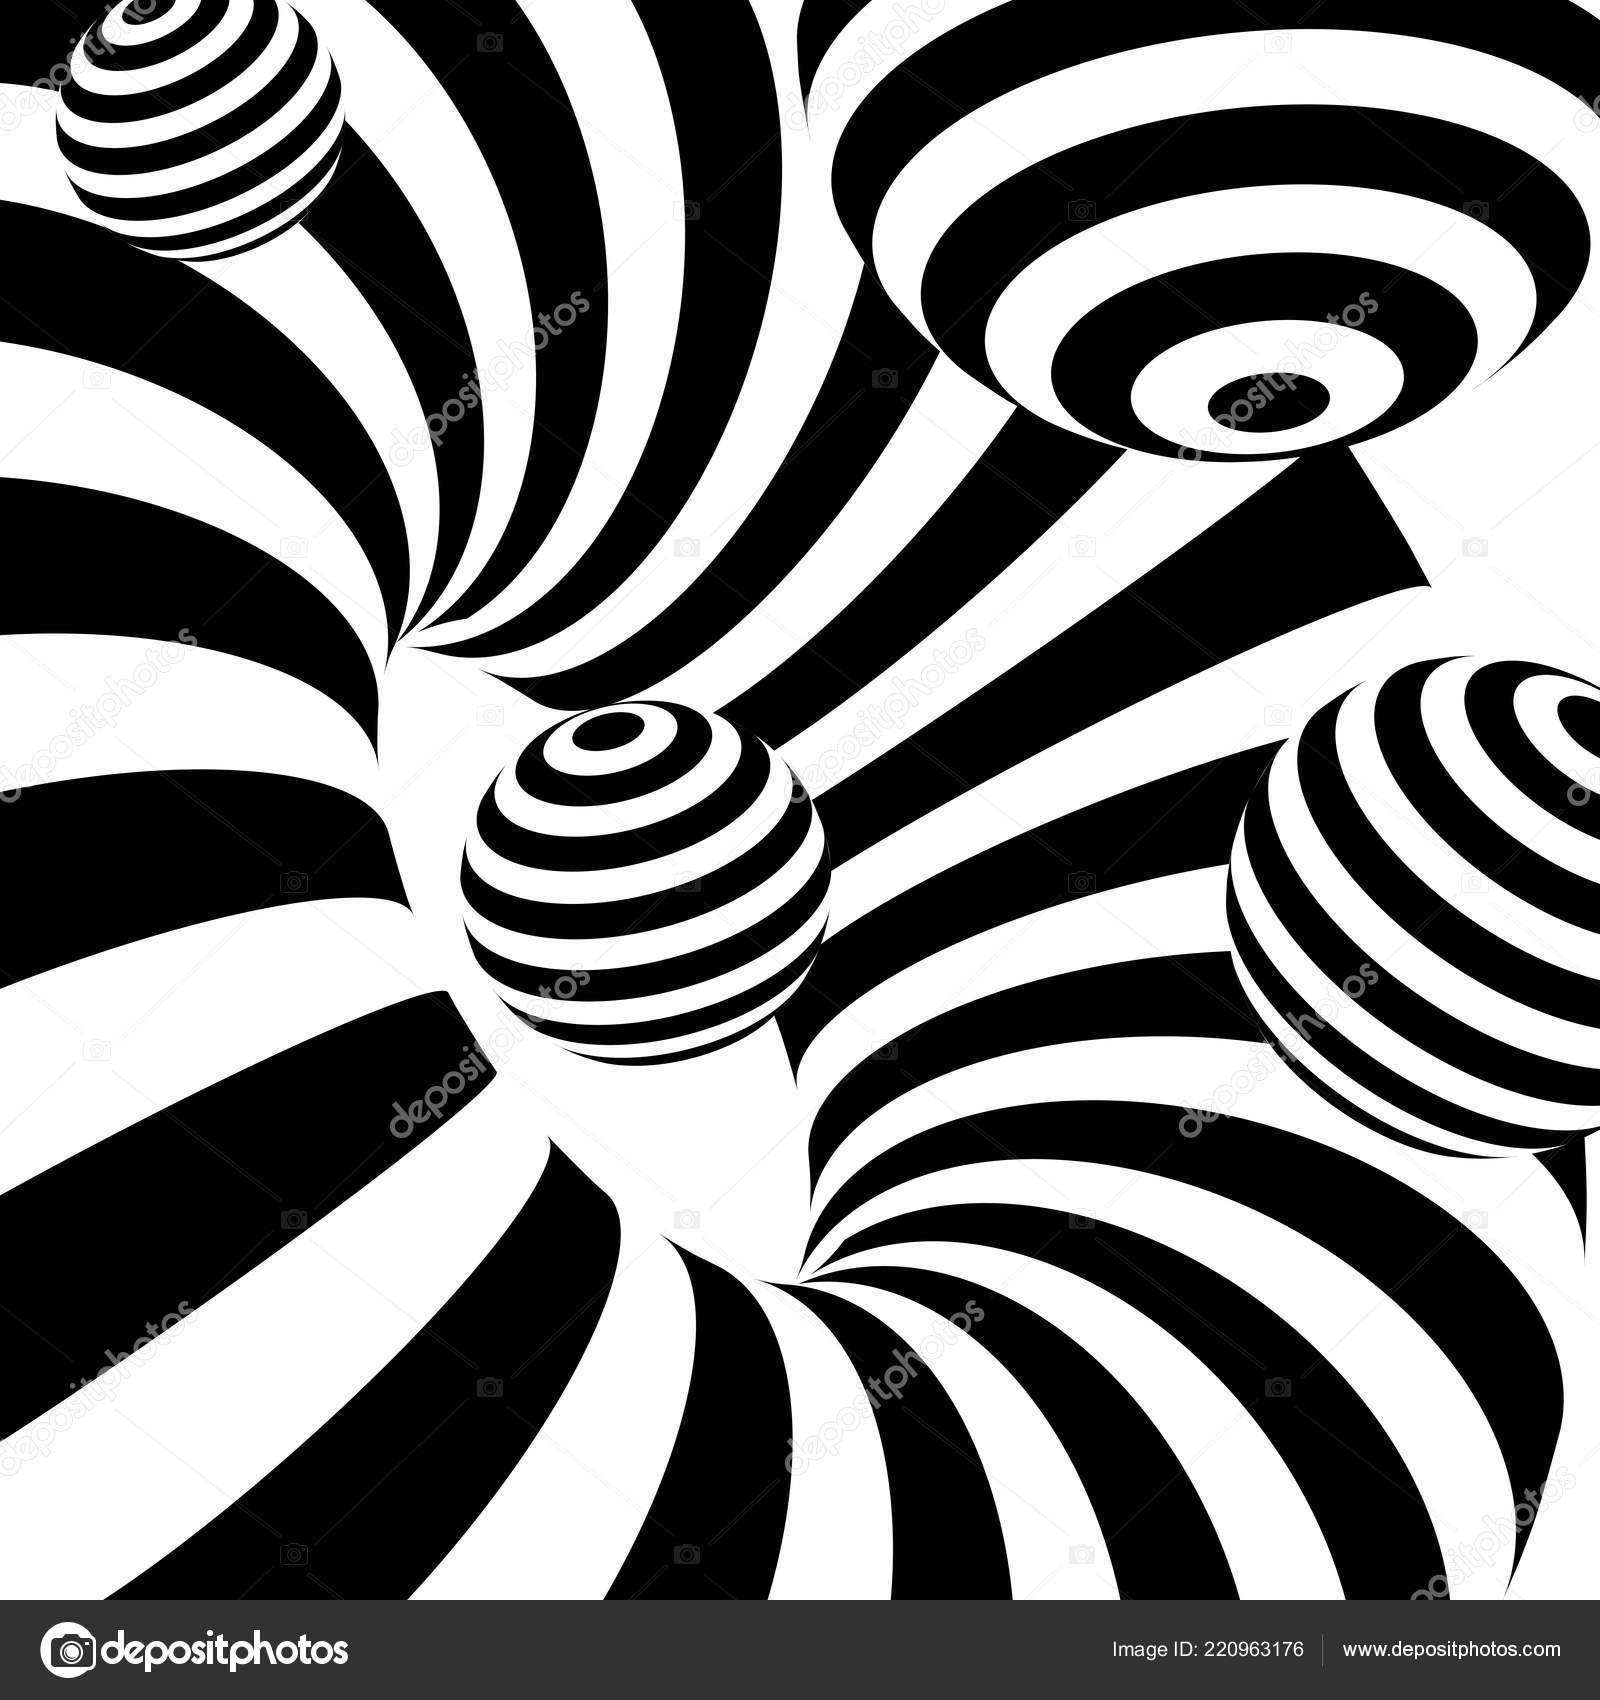 Noir Blanc Abstrait Stripes Ilusion Optique Art Fond Image